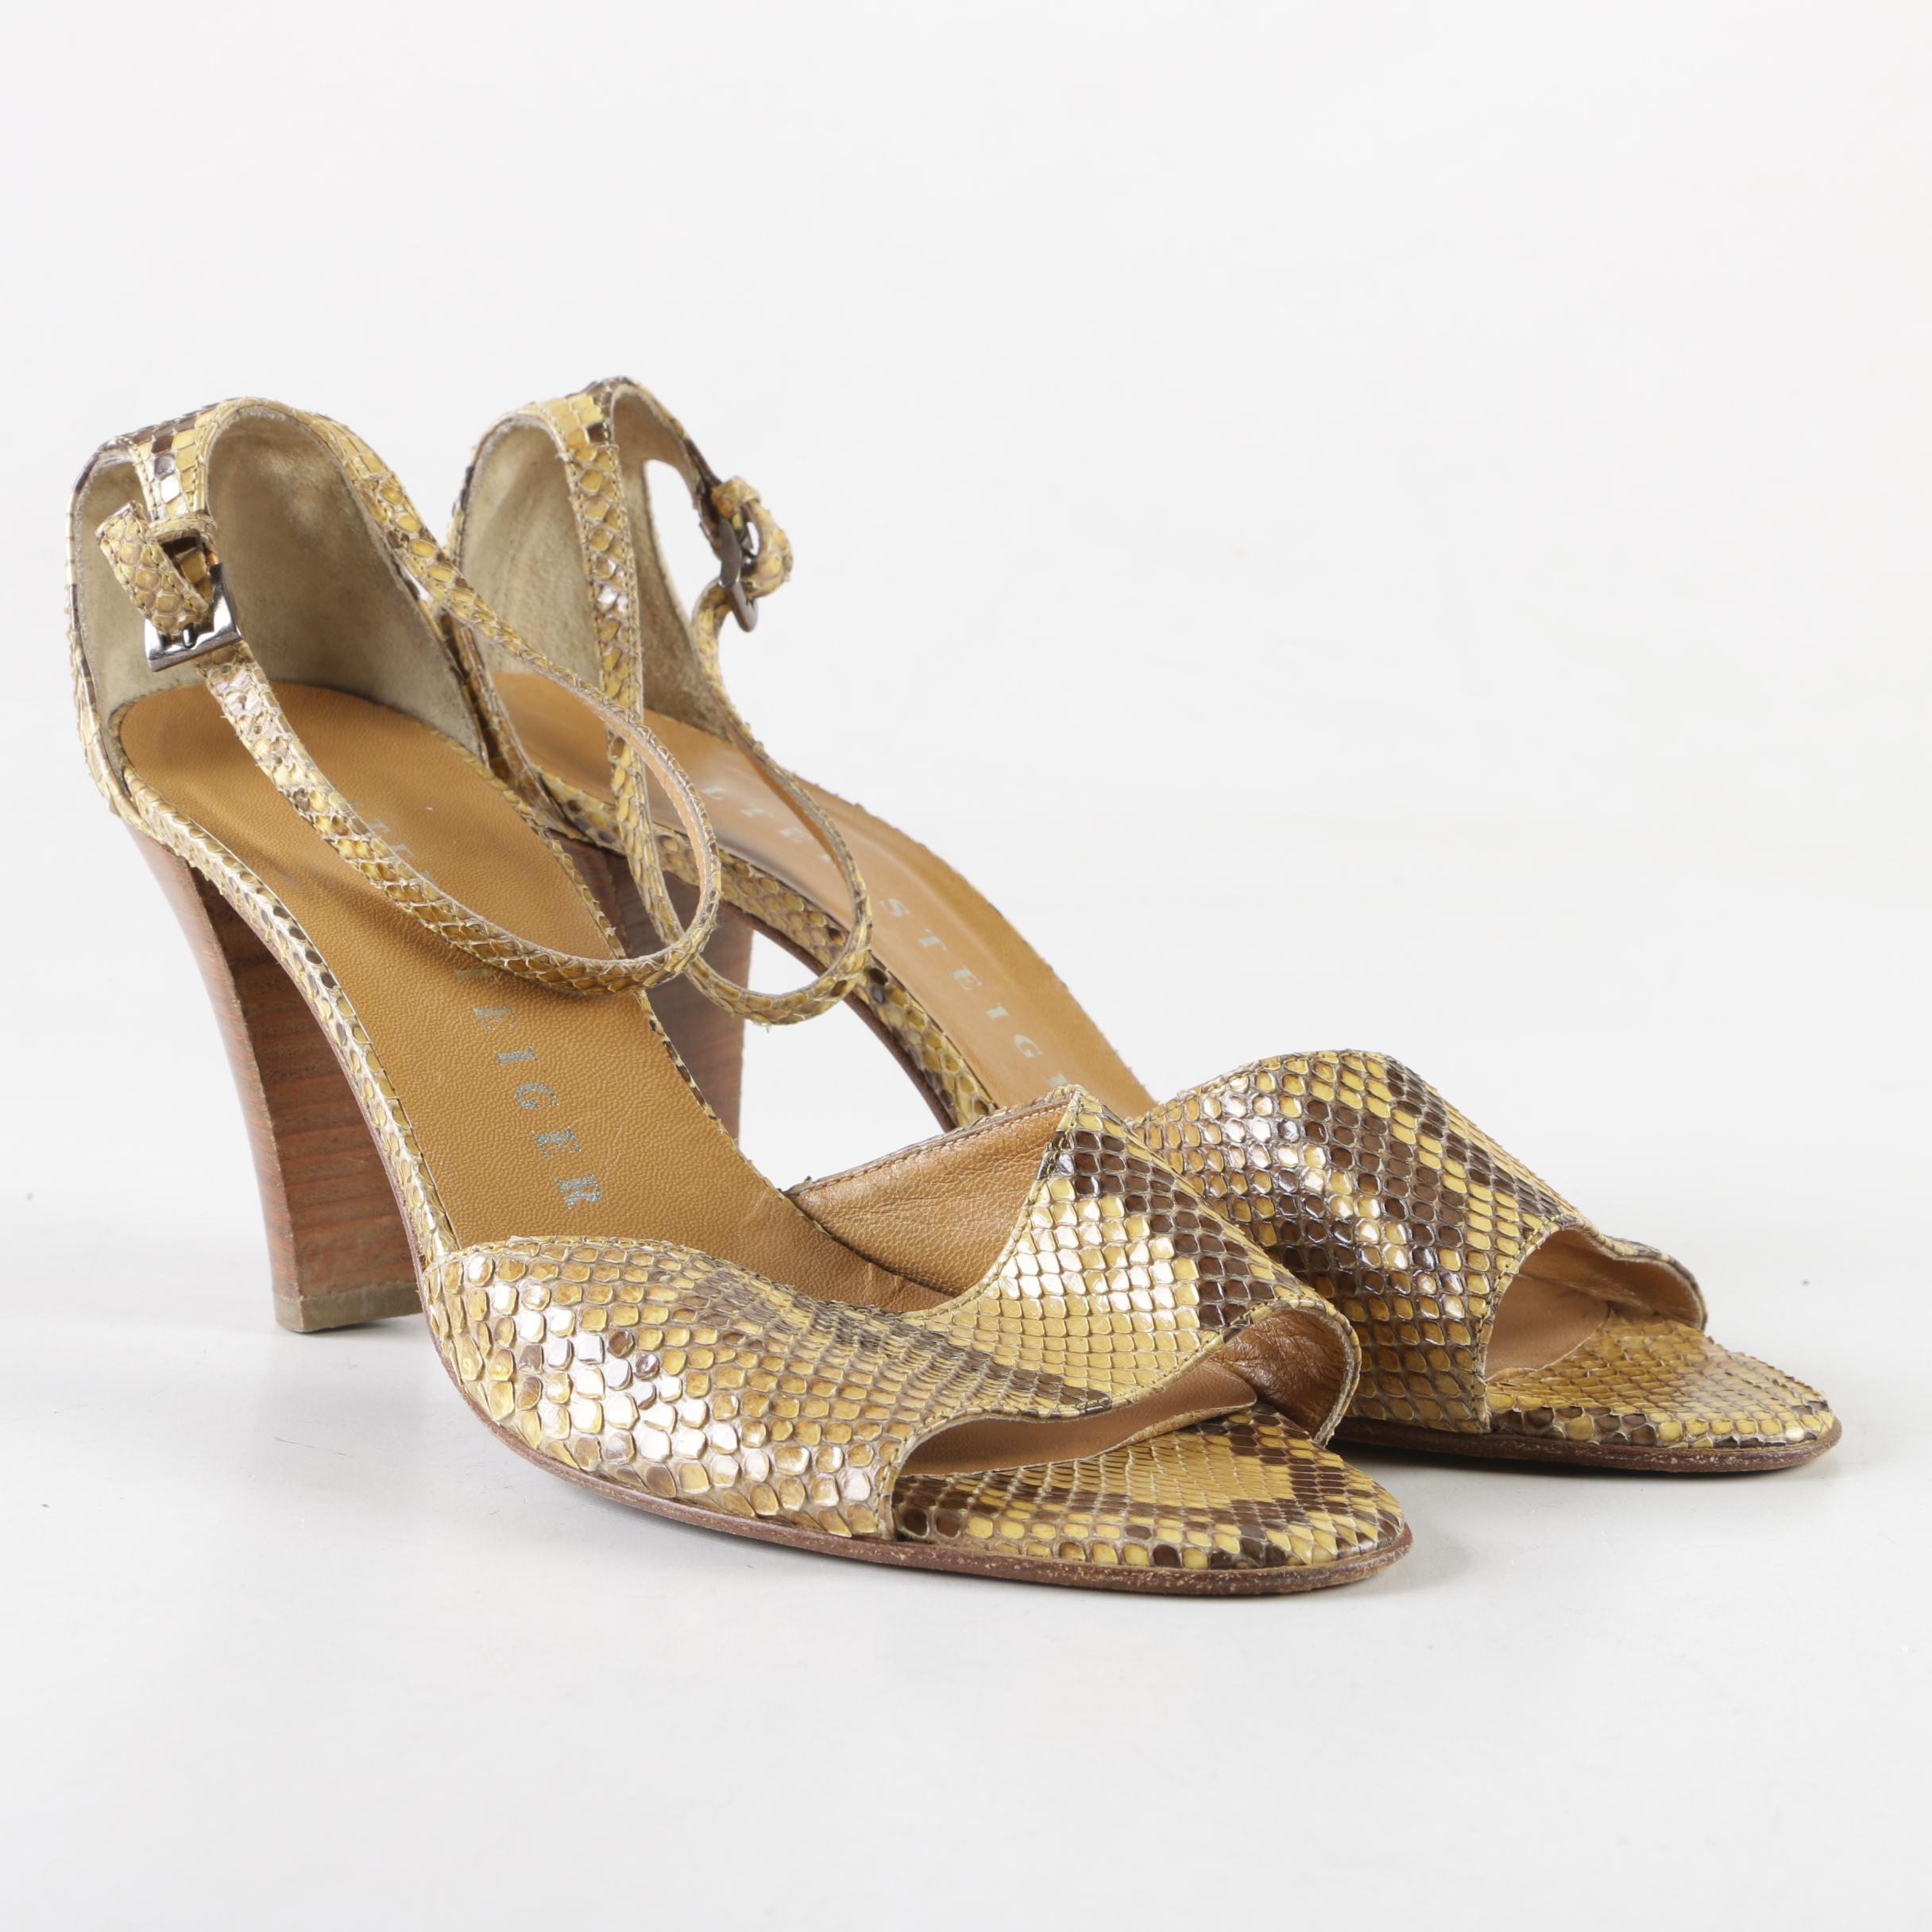 Walter Steiger Python Skin Ankle Strap Heels